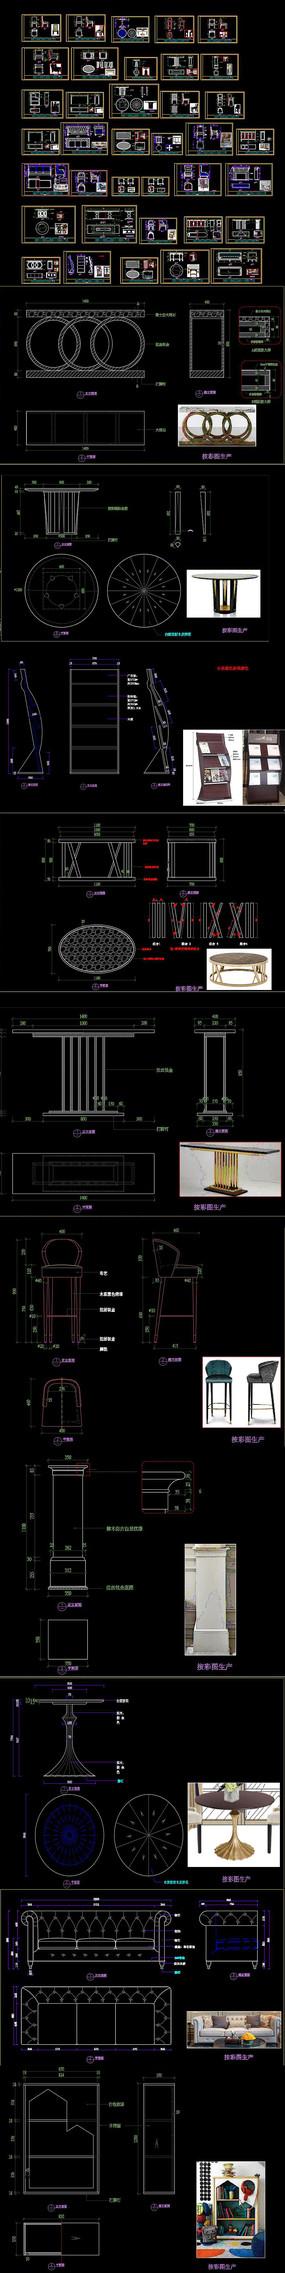 全套酒店家具CAD图库